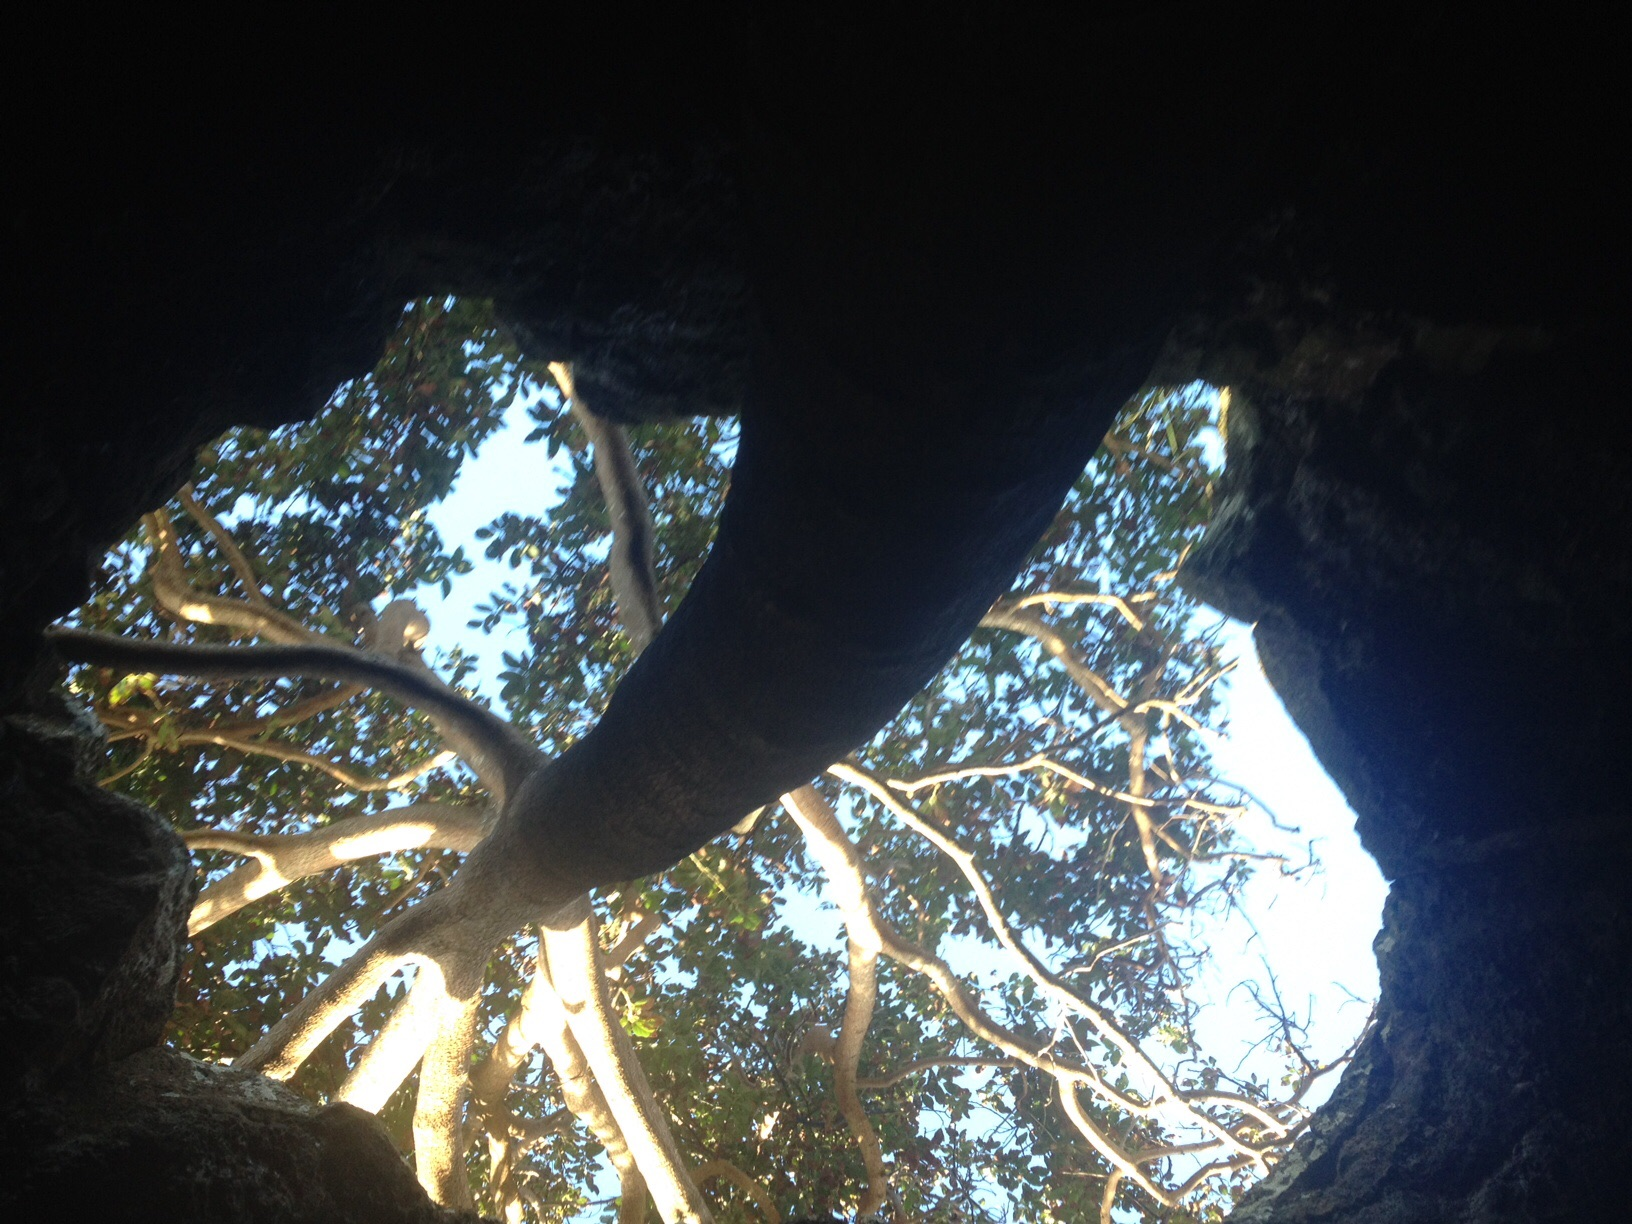 A árvore linda dentro da caverna